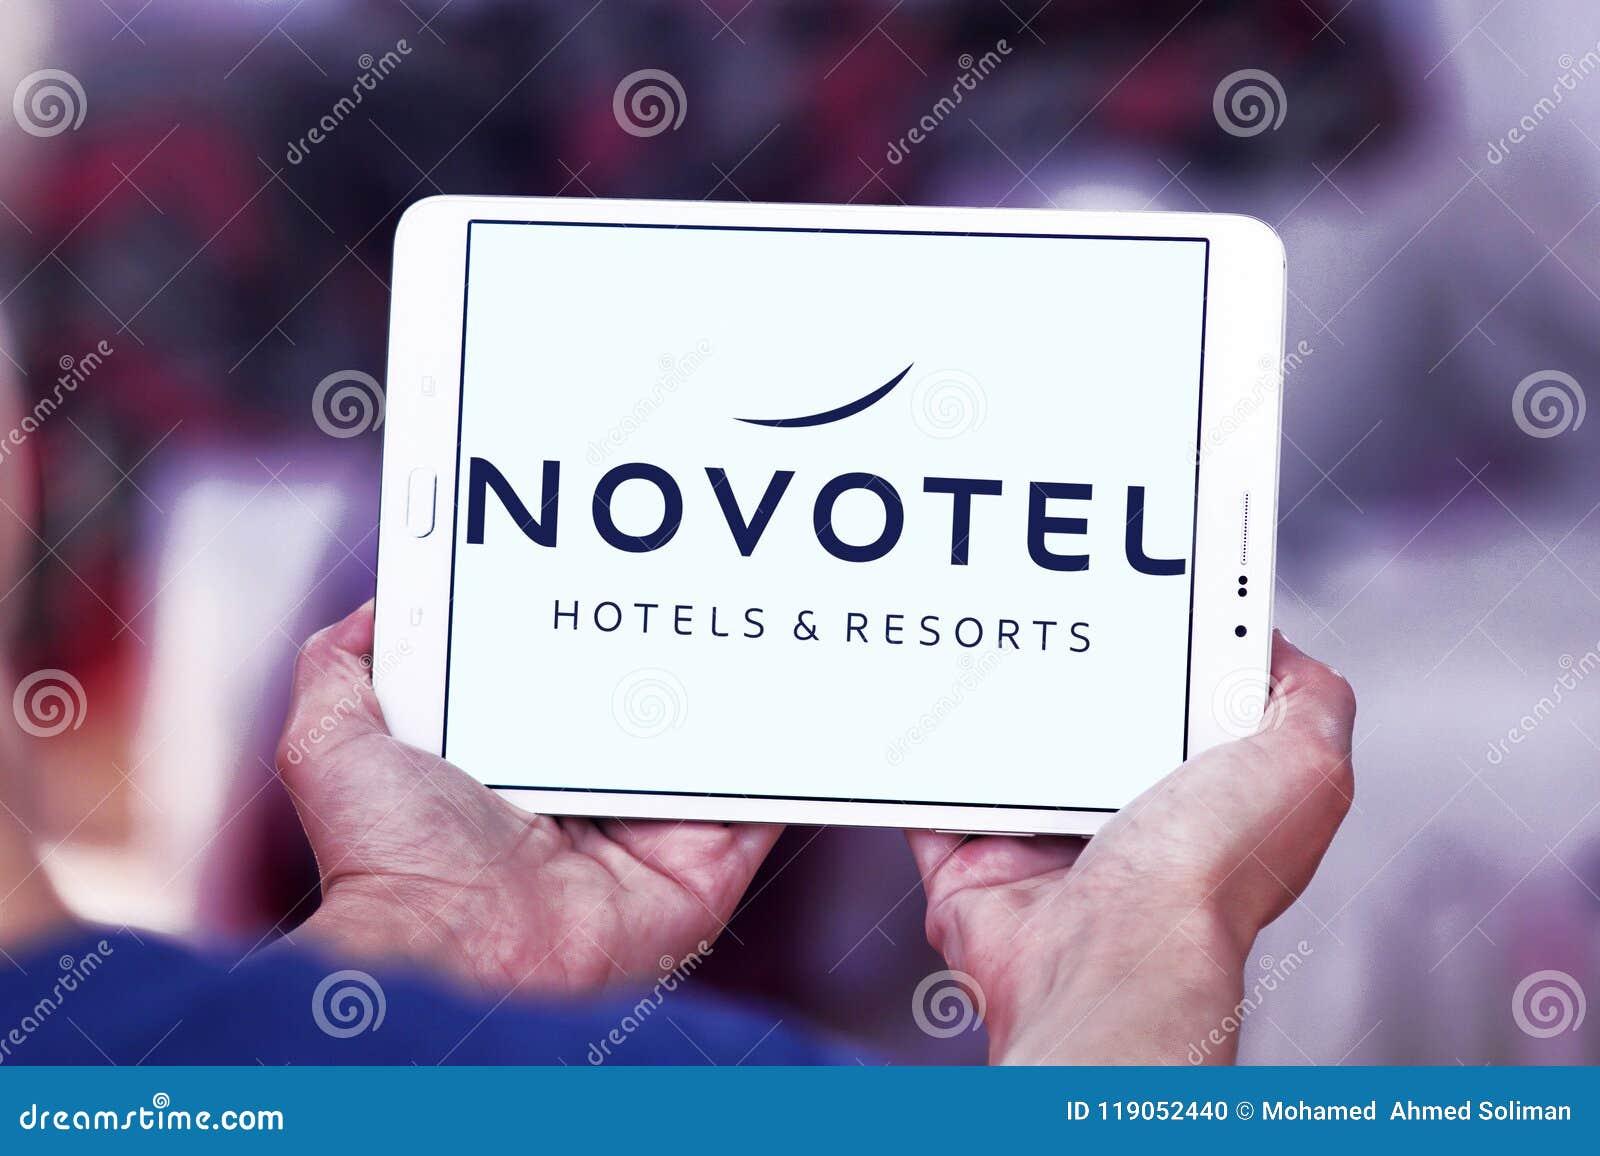 Logo för Novotel hotellmärke